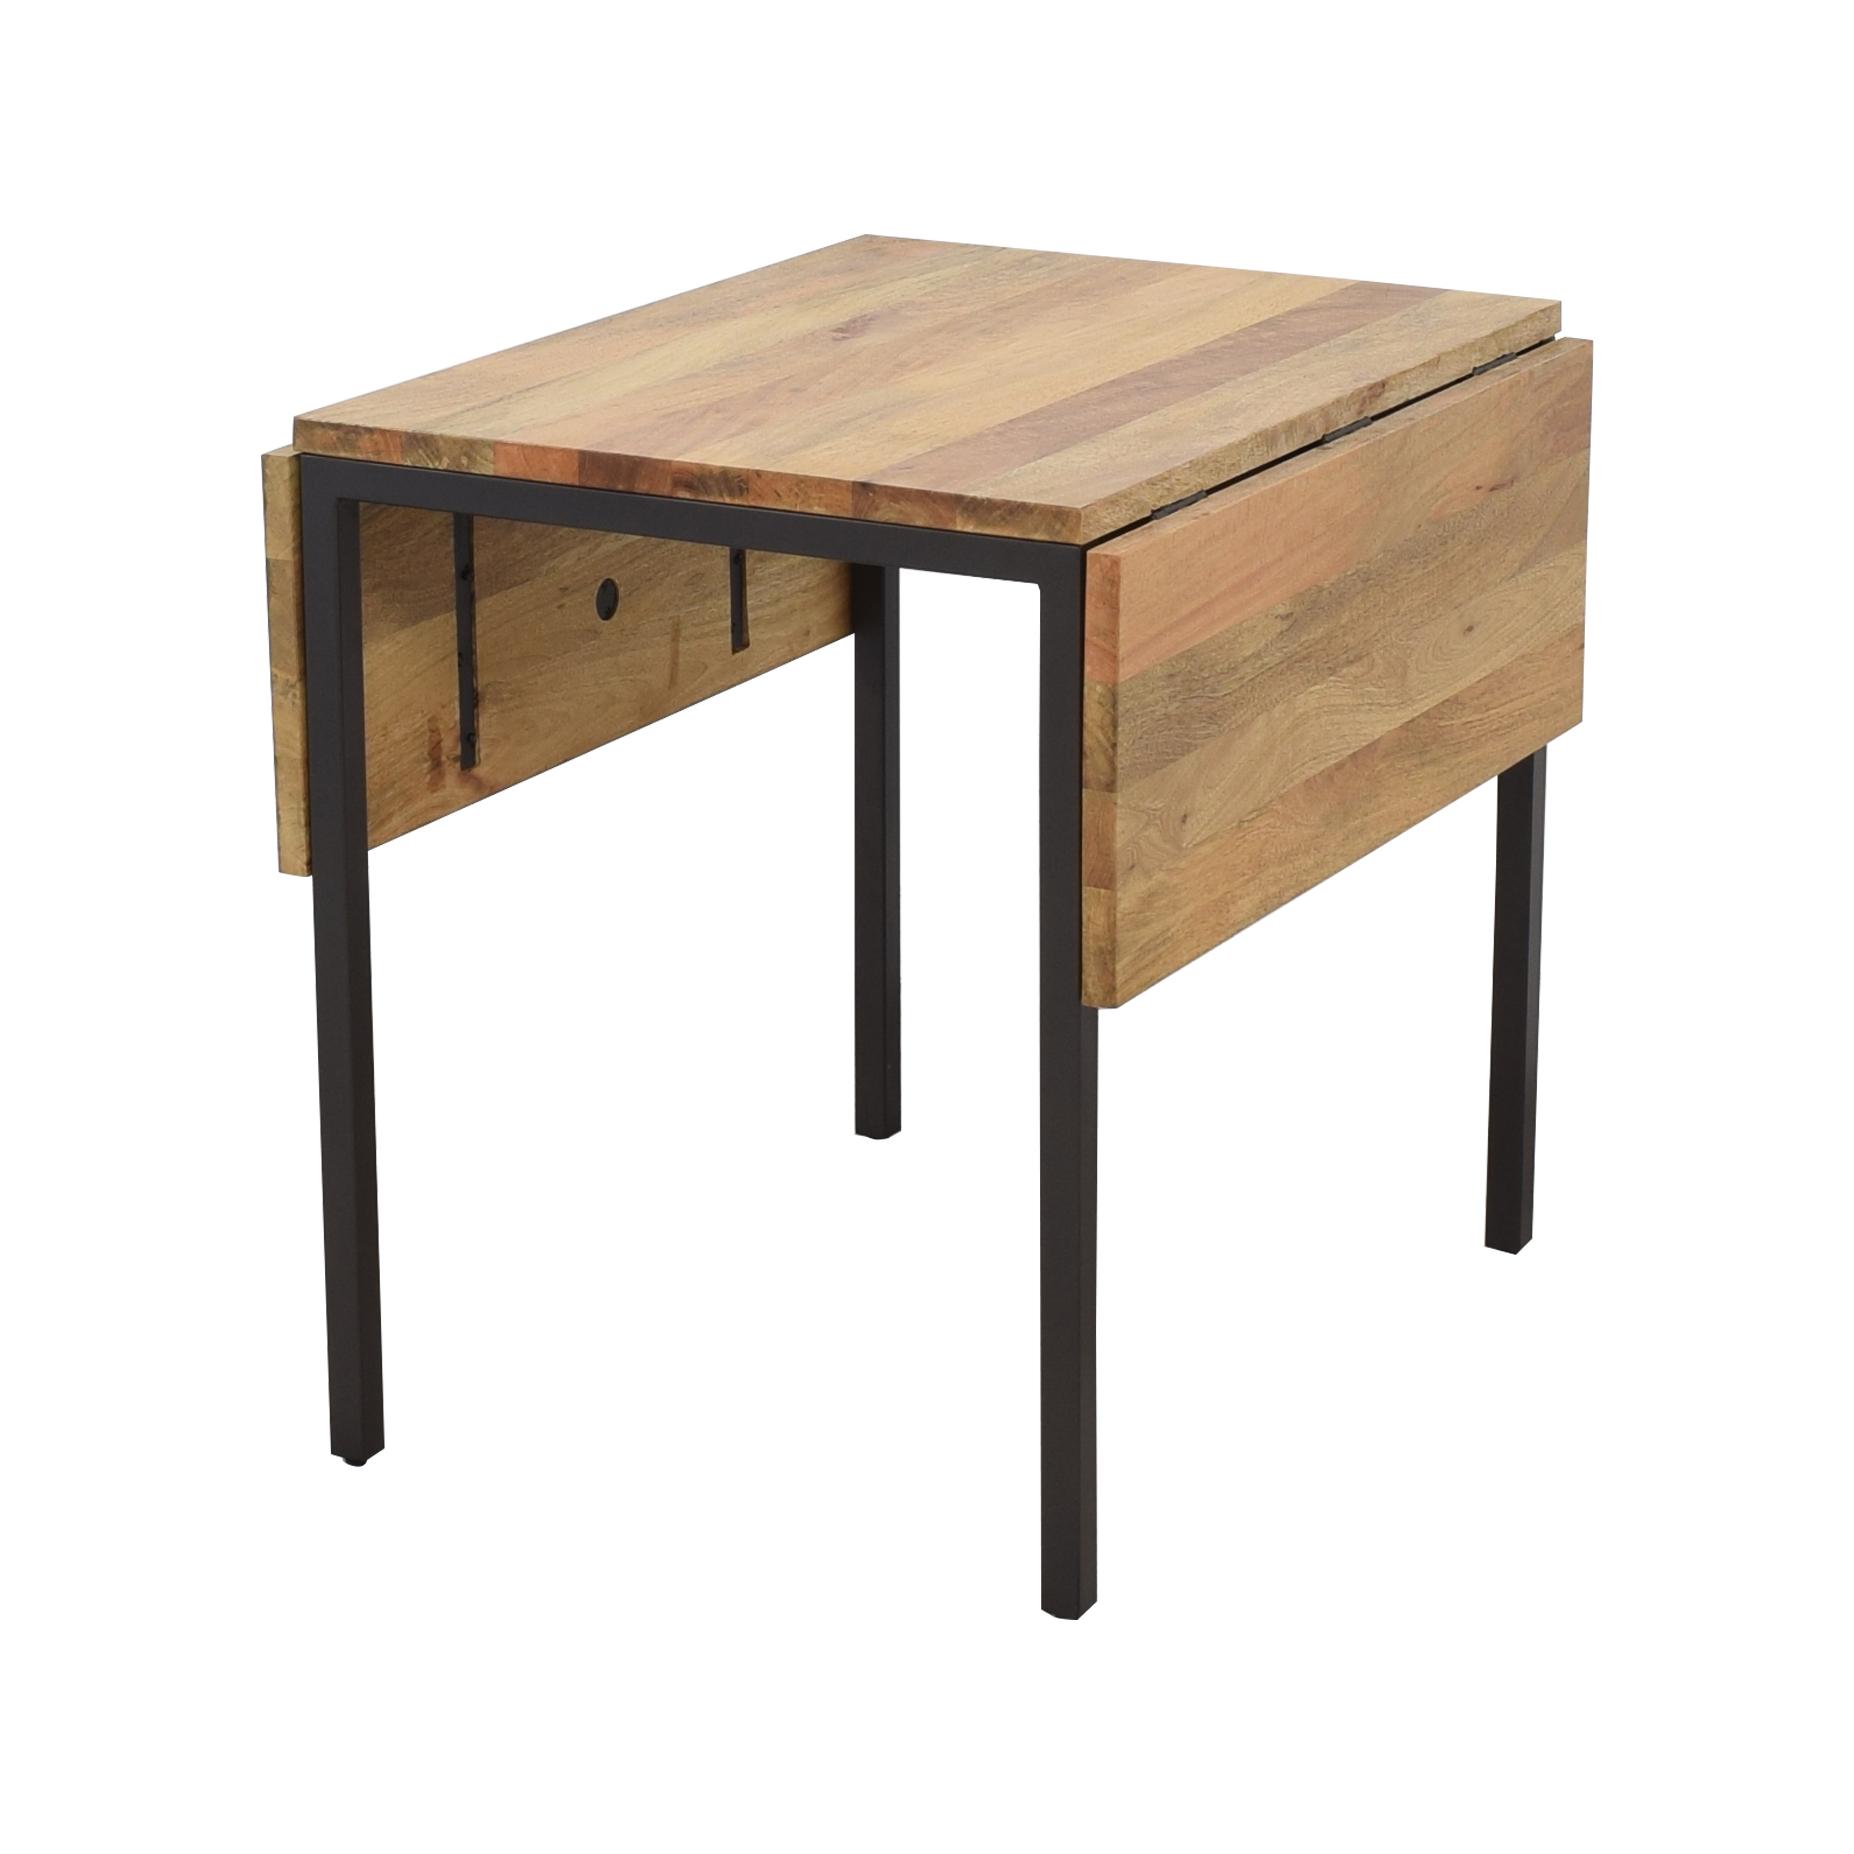 West Elm West Elm Box Frame Drop Leaf Dining Table